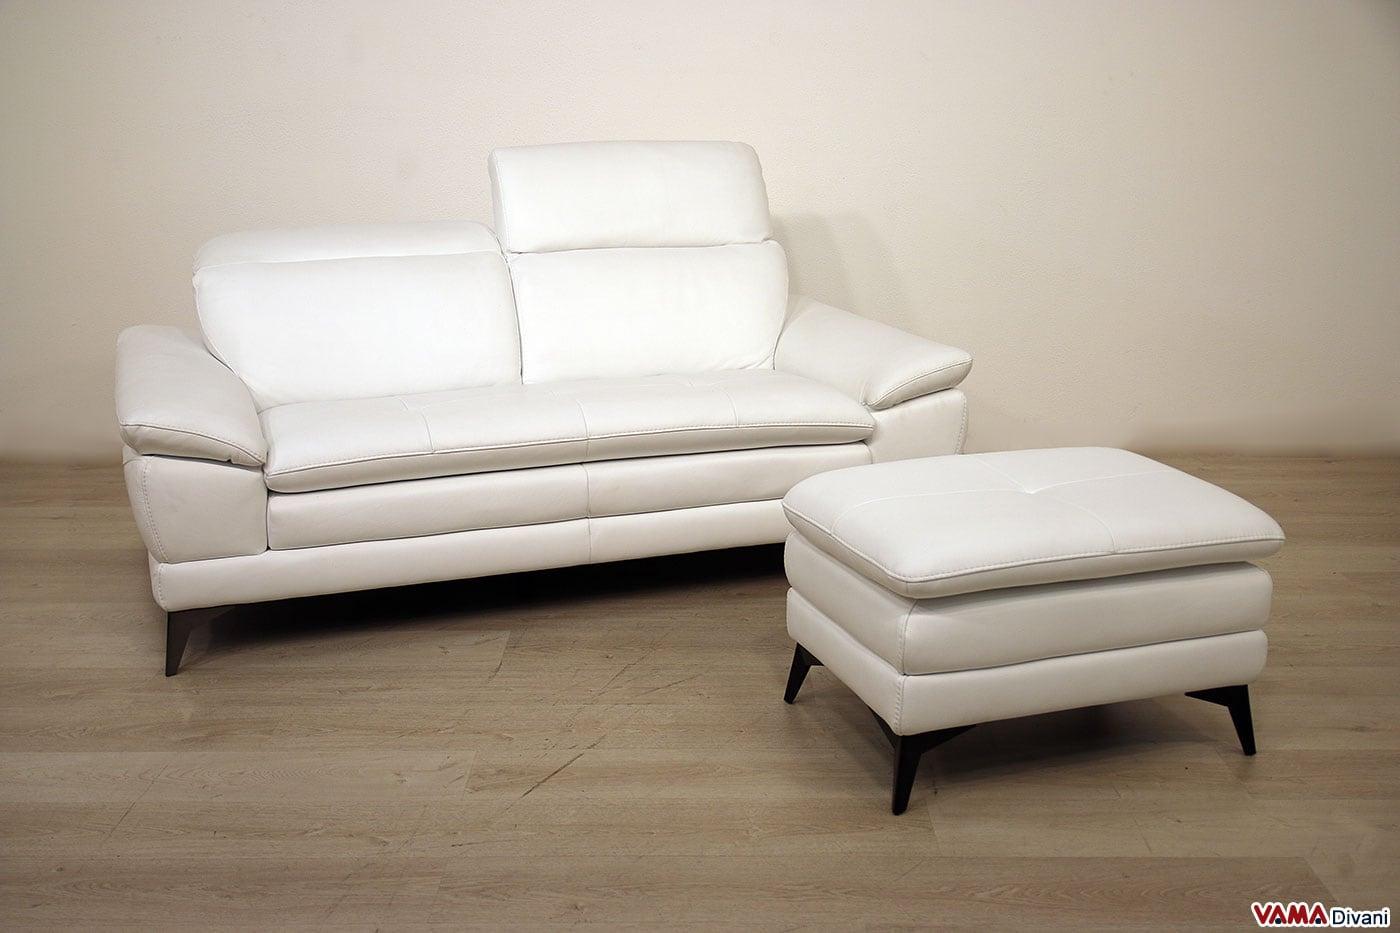 Offerta divano moderno con pouf hop vama divani for Divano con pouf